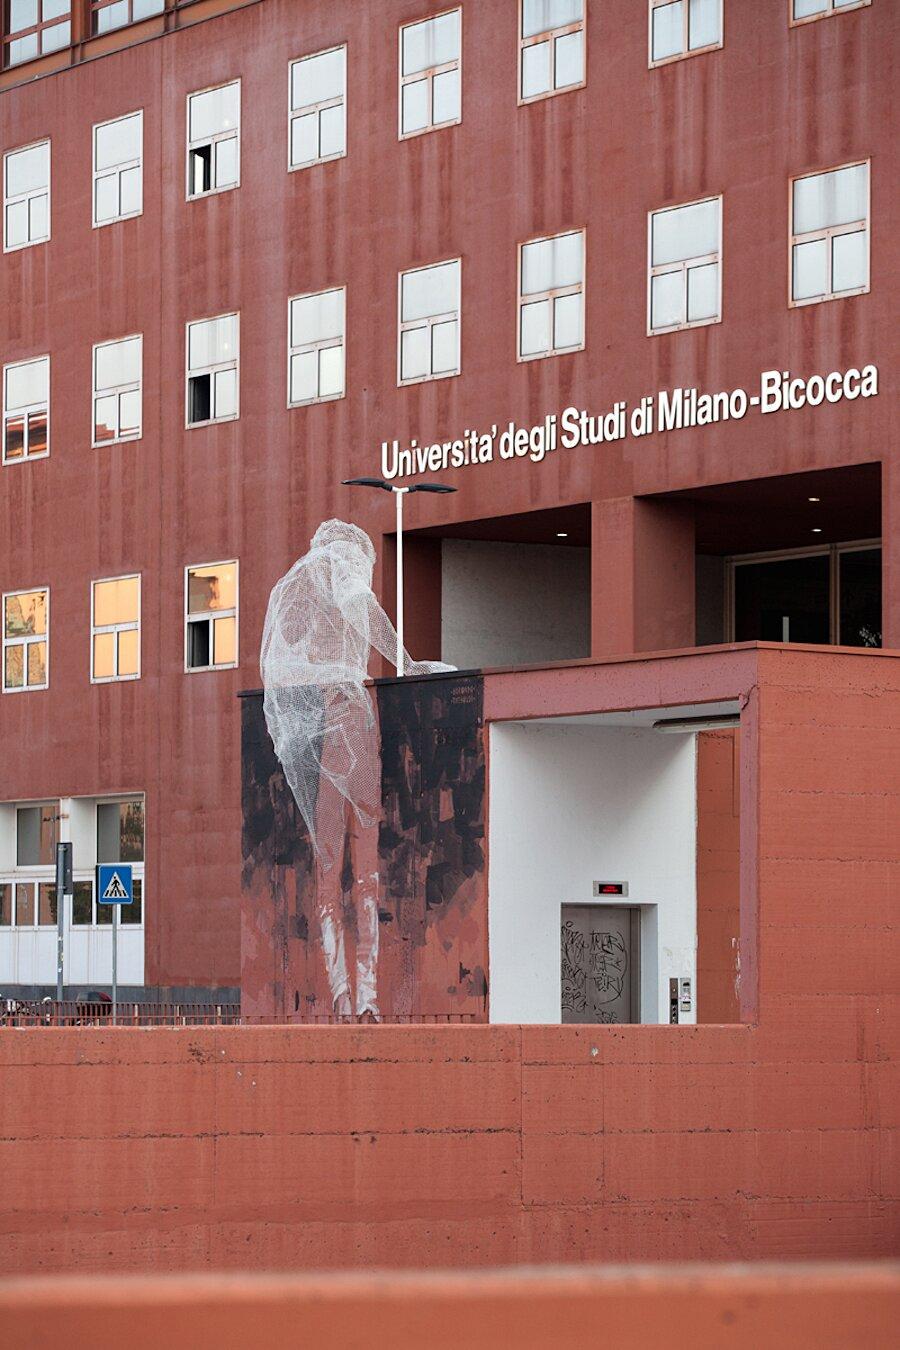 scultura-filo-metallo-street-art-edoardo-tresoldi-gonzalo-borondo-chained-bicocca-milano-1